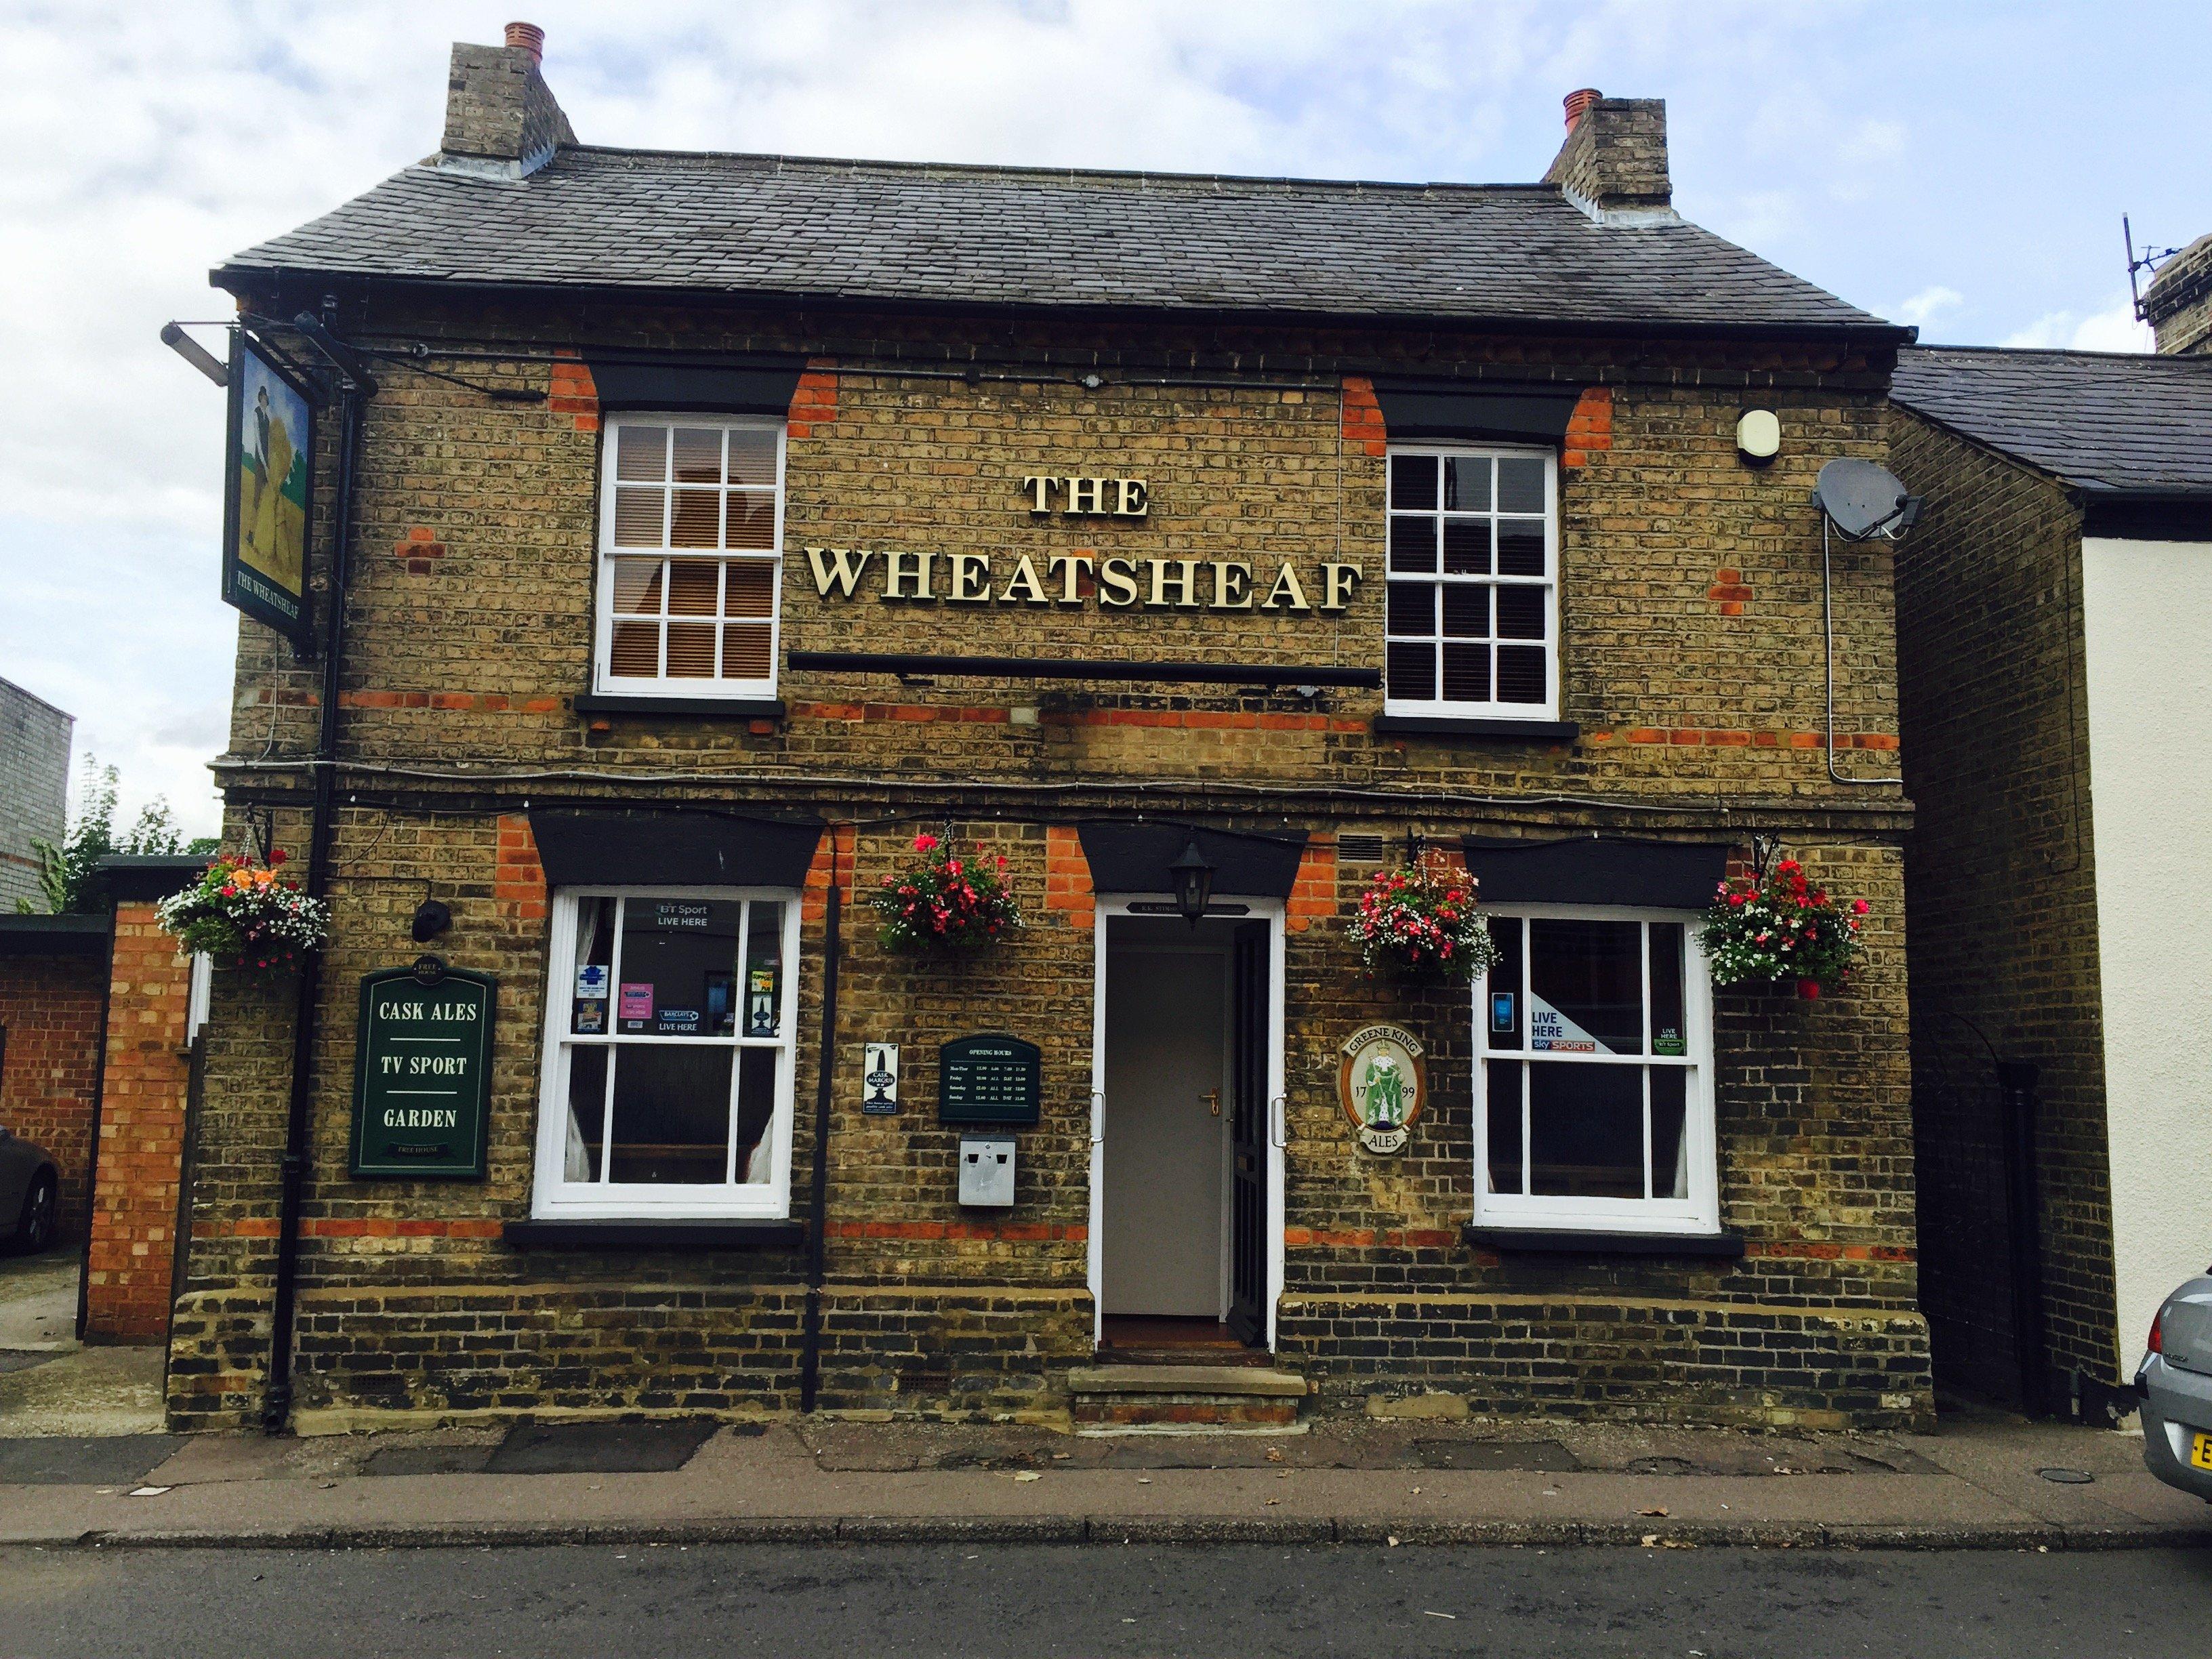 2 1 - The Wheatsheaf pub biggleswade, review